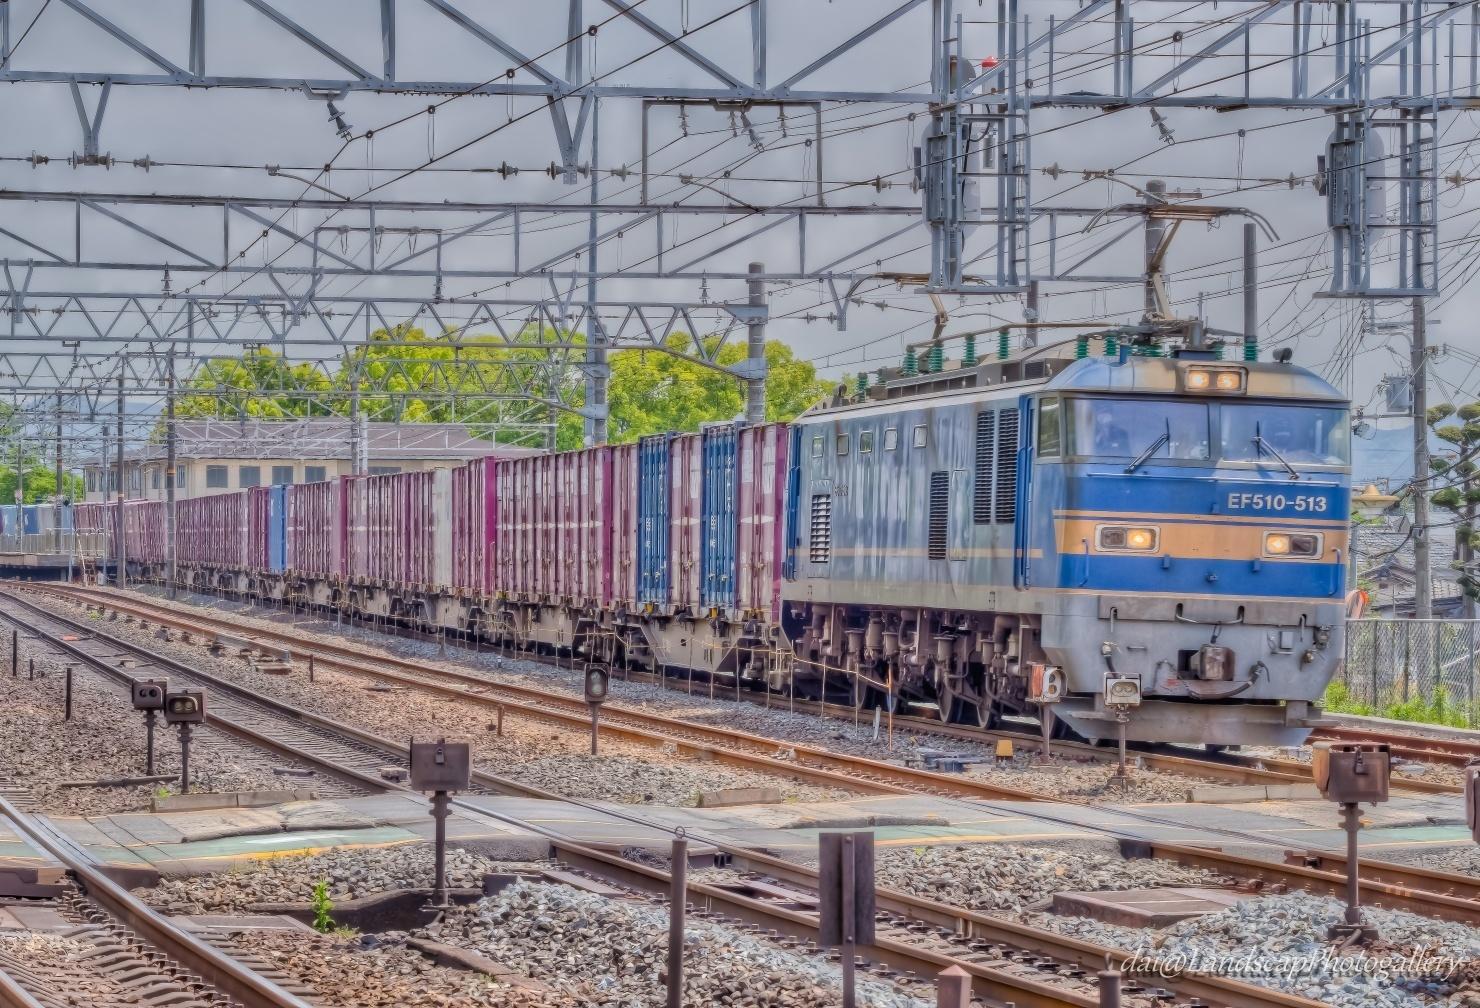 EF510-513 コンテナ列車【HDRi】